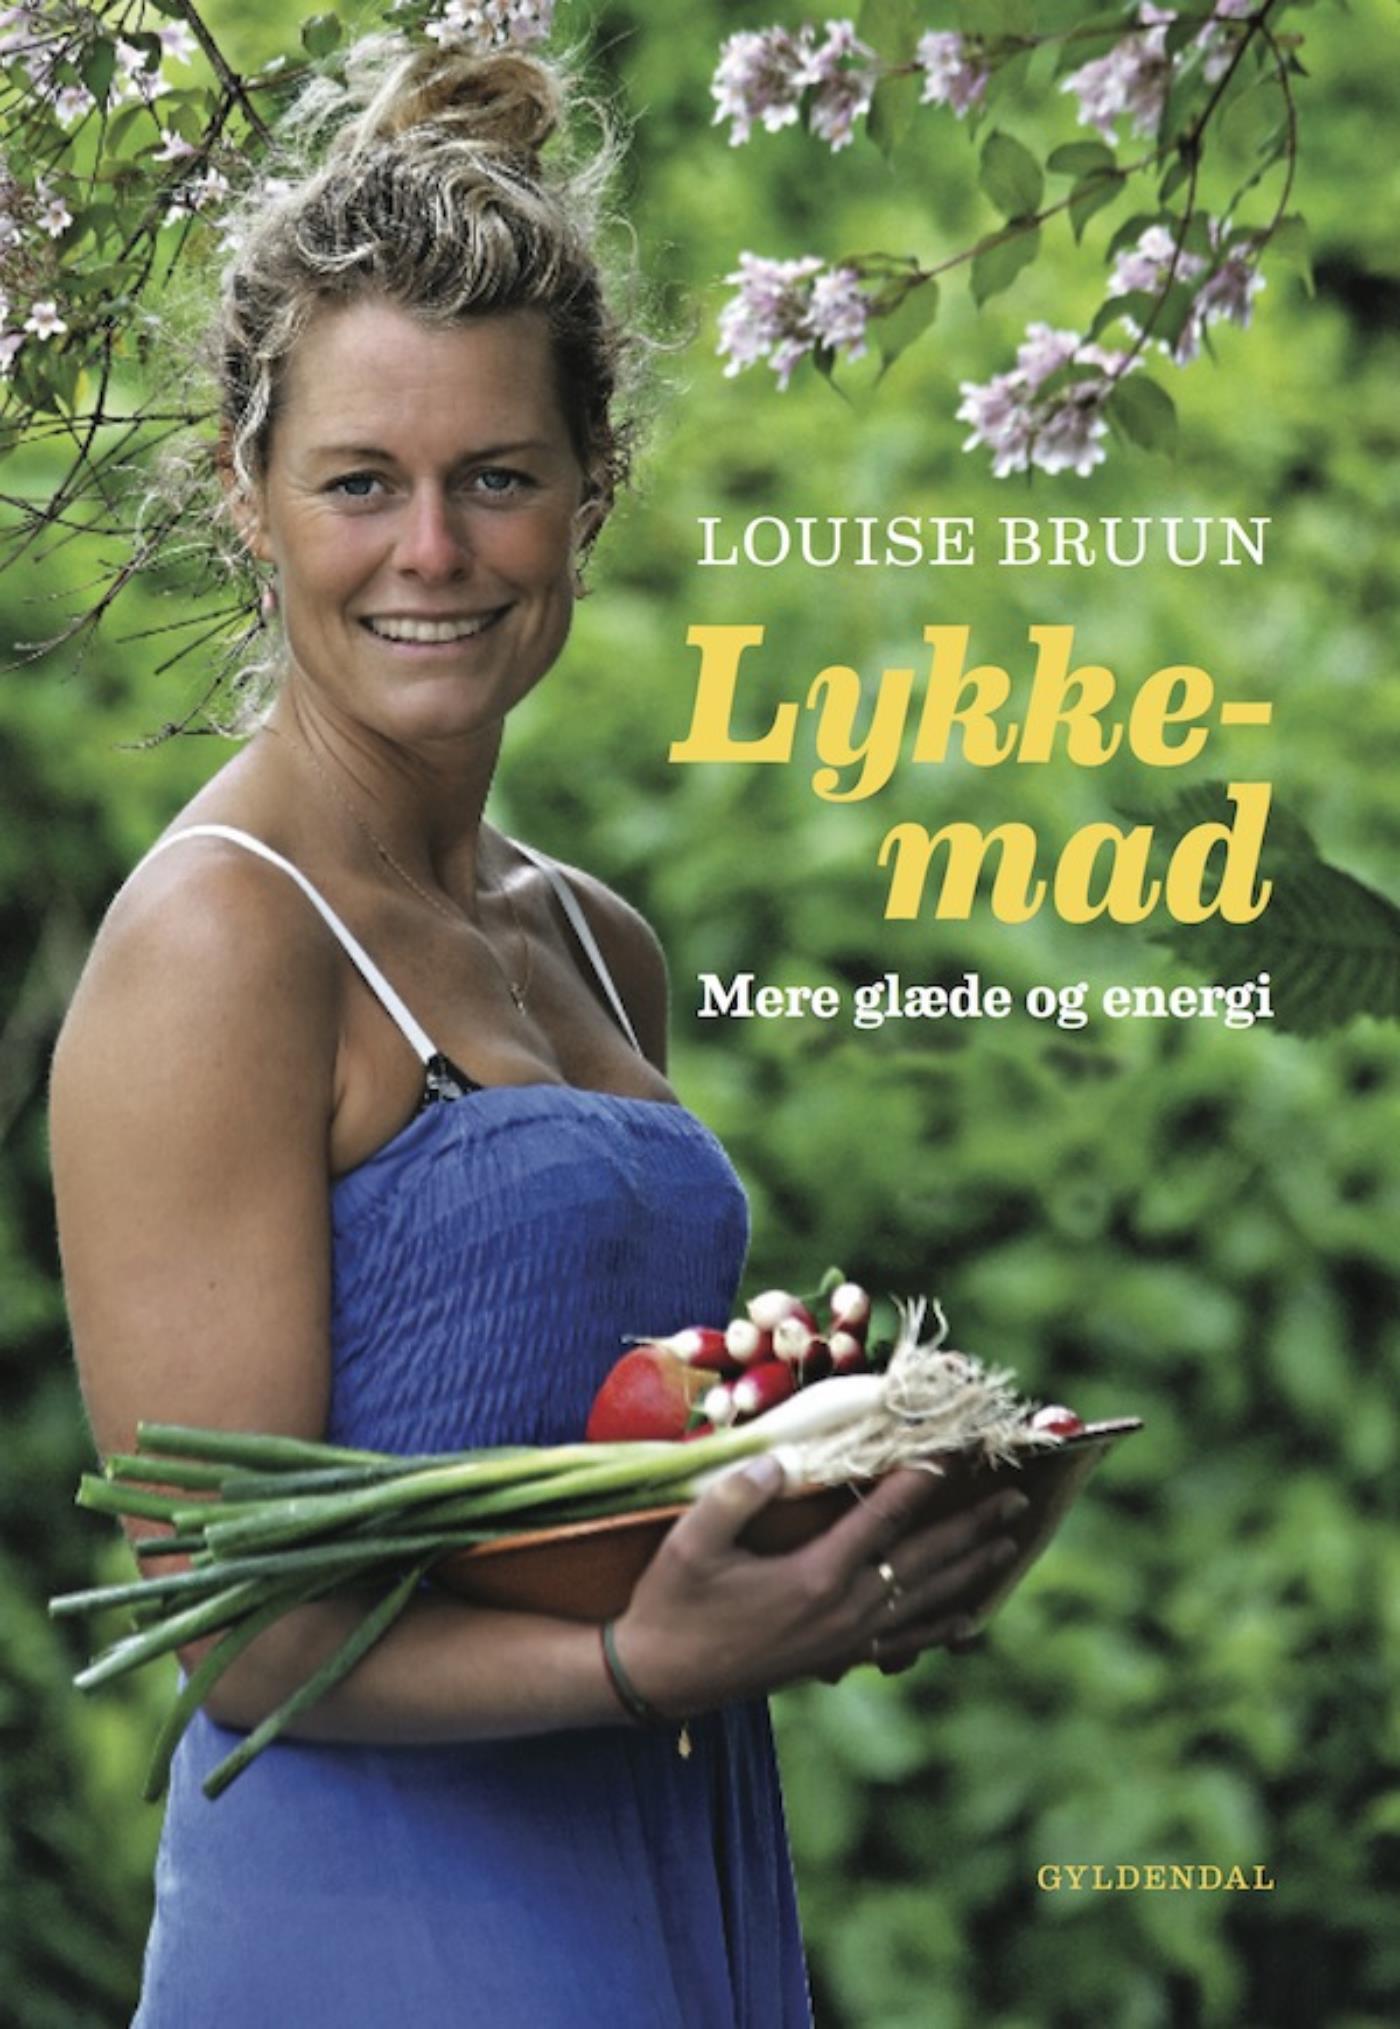 Lykkemad - e-bog fra N/A på bog & mystik